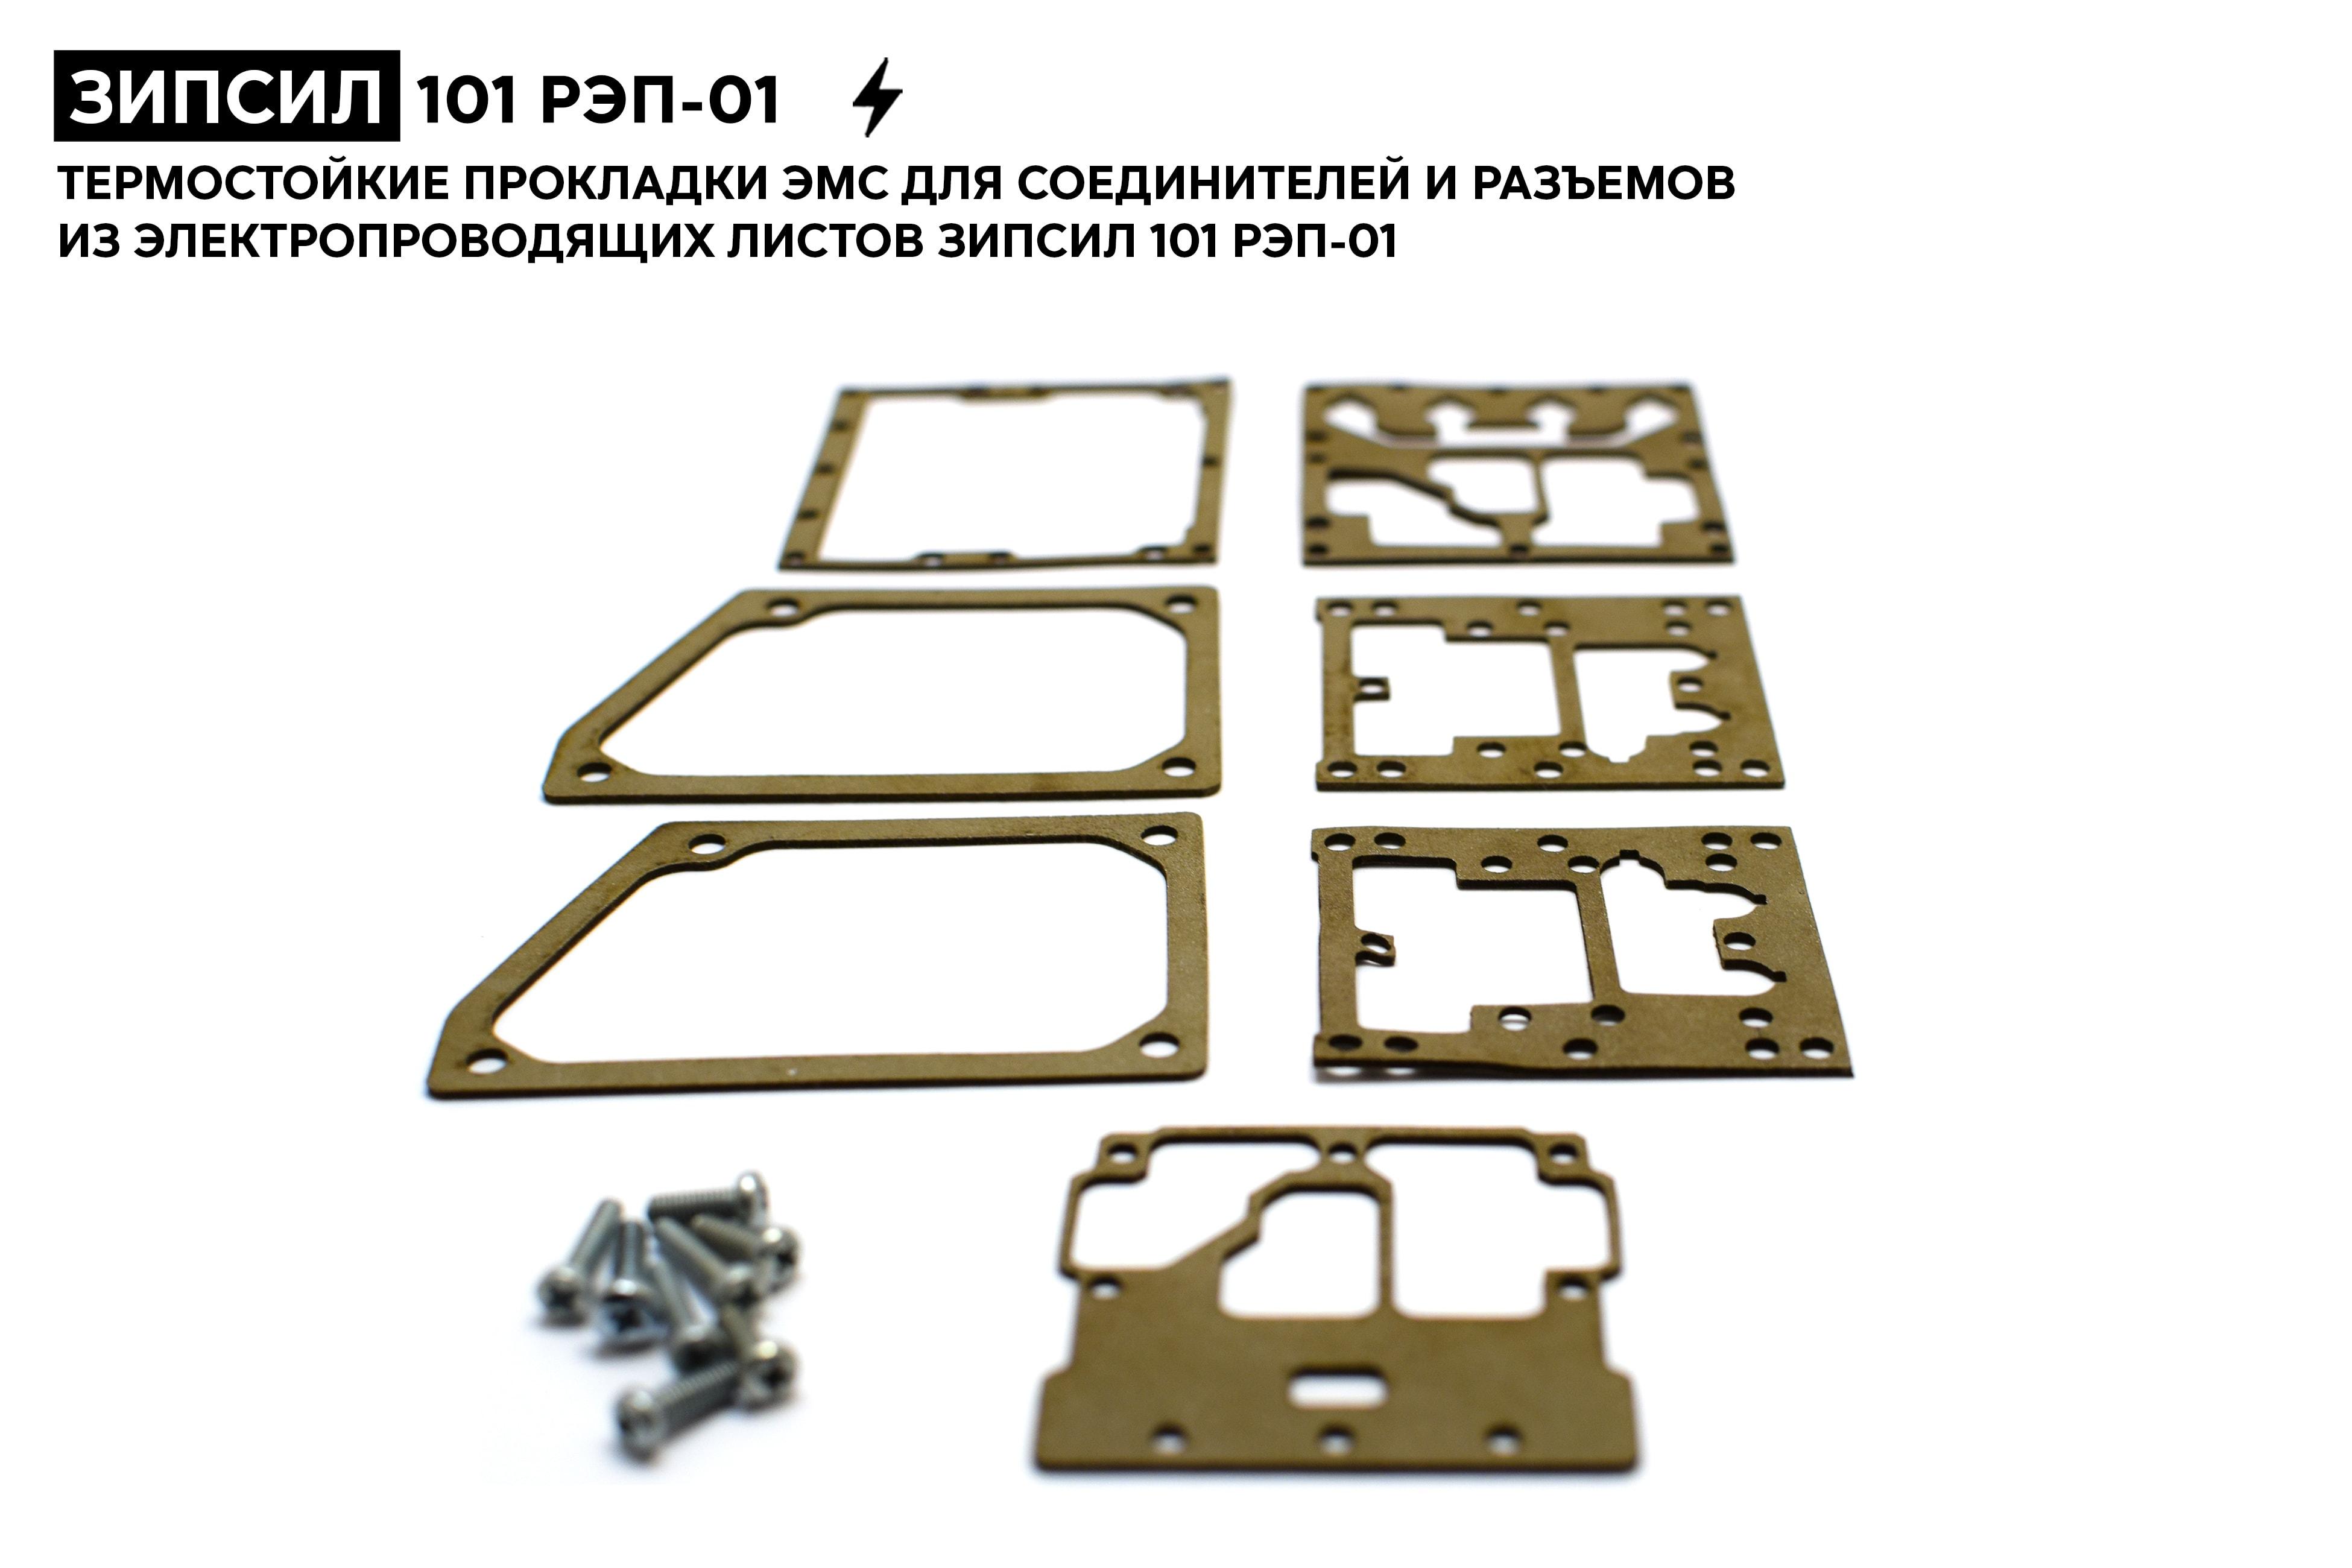 Резиновые токопроводящие уплотнительные прокладки ЗИПСИЛ РЭП-01. Выполнены по чертежам заказчика. Сделано в России.